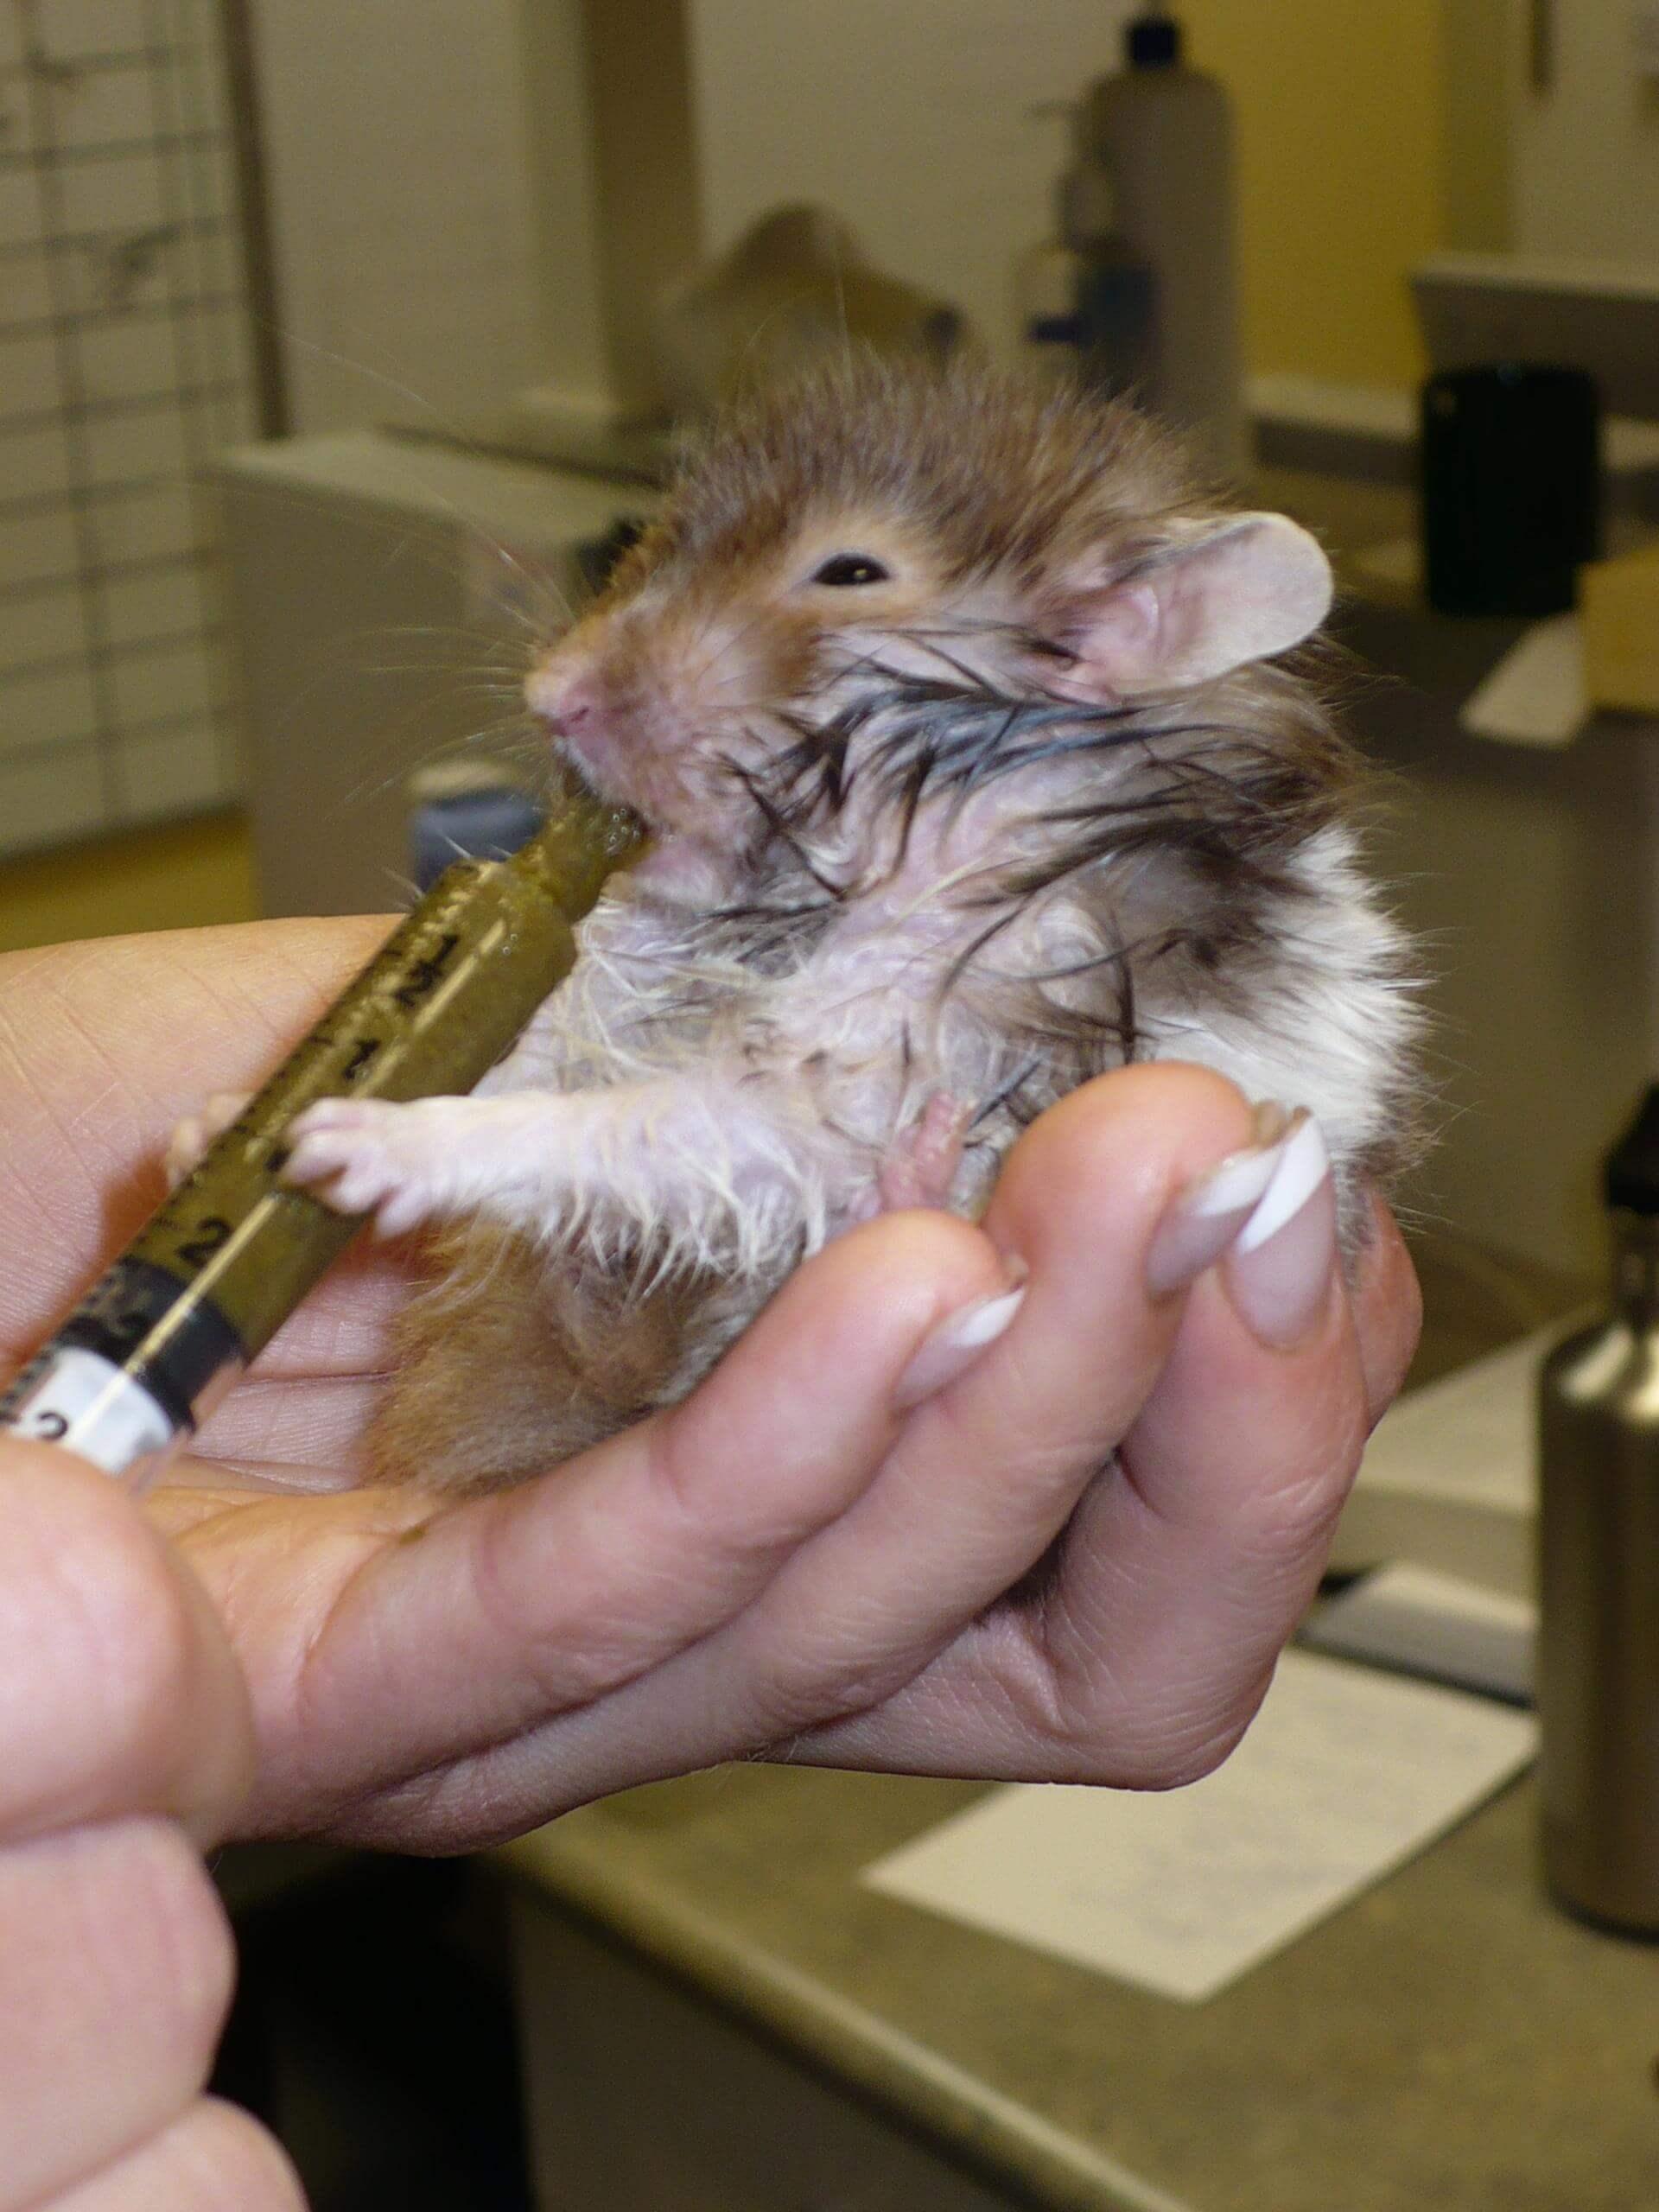 Prendre soin de son hamster | Conseil Vétérinaire